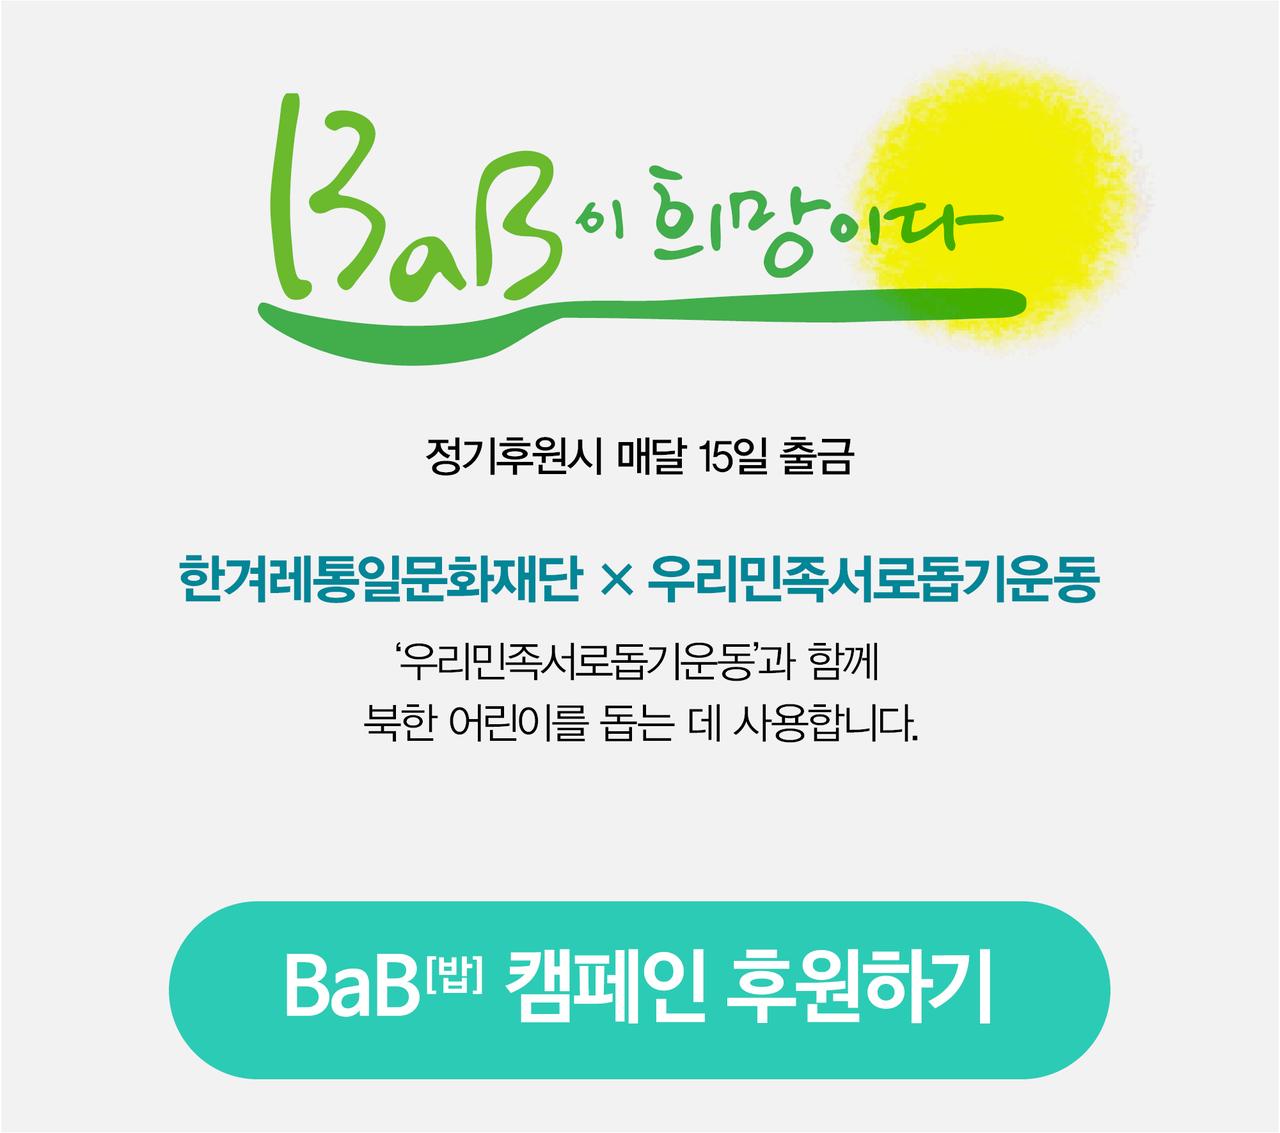 BaB(밥) 캠페인 후원